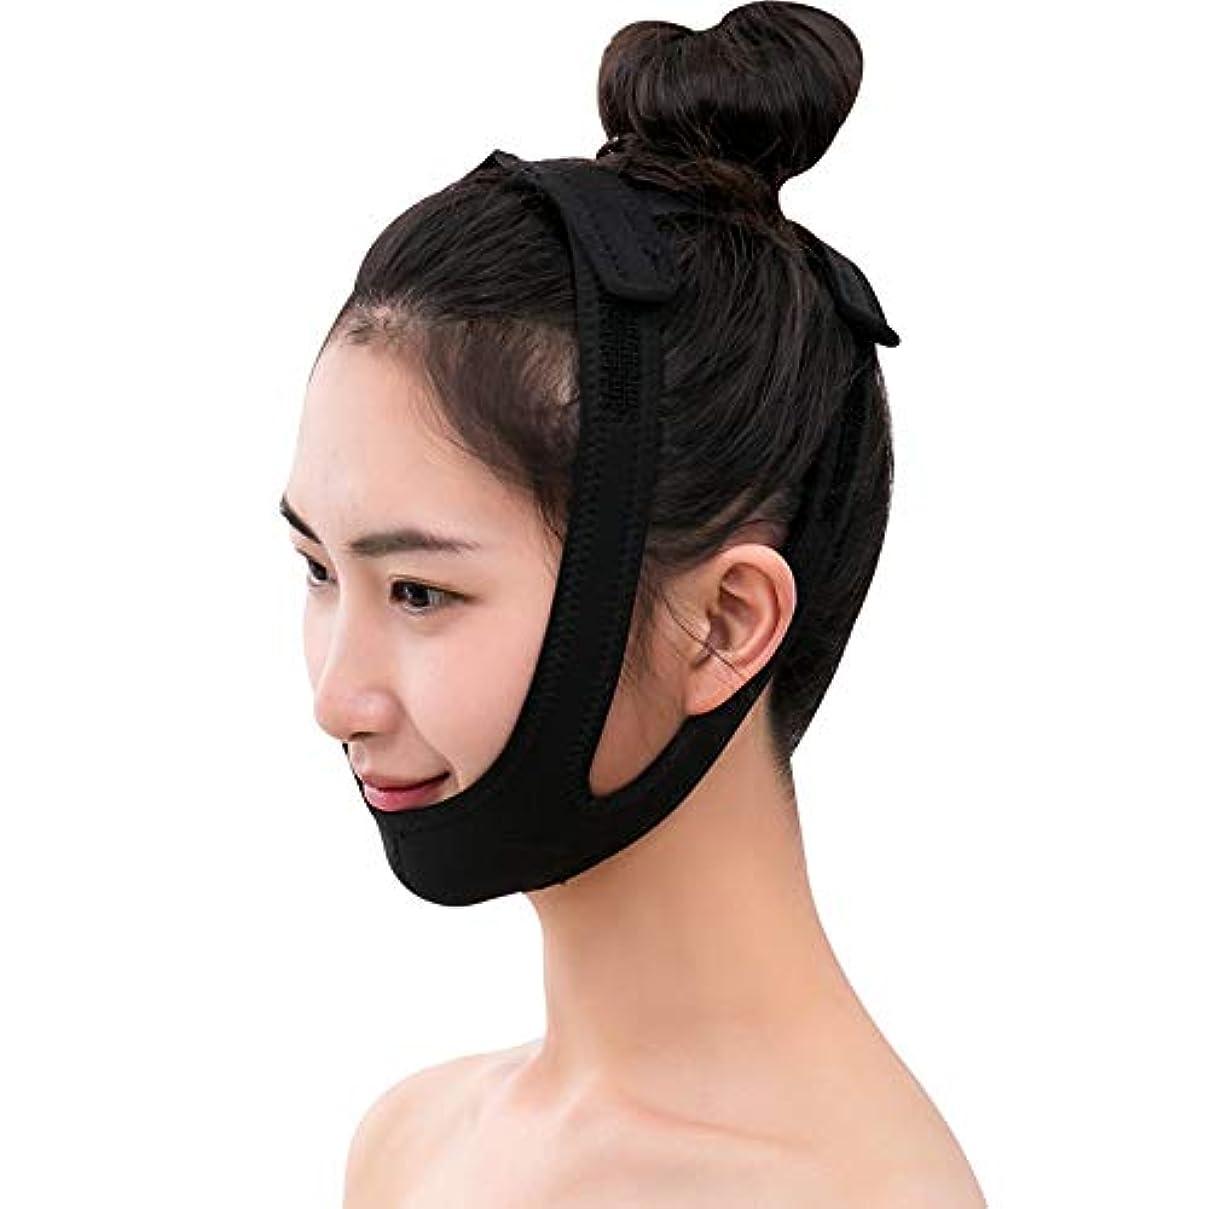 根絶する歌うの慈悲でフェイスリフトベルト 薄いフェイスバンド - 薄い顔の包帯ビューティーインストゥルメントフェイシャルリフト睡眠マスク法Vフェイスマスクの通気性を作る